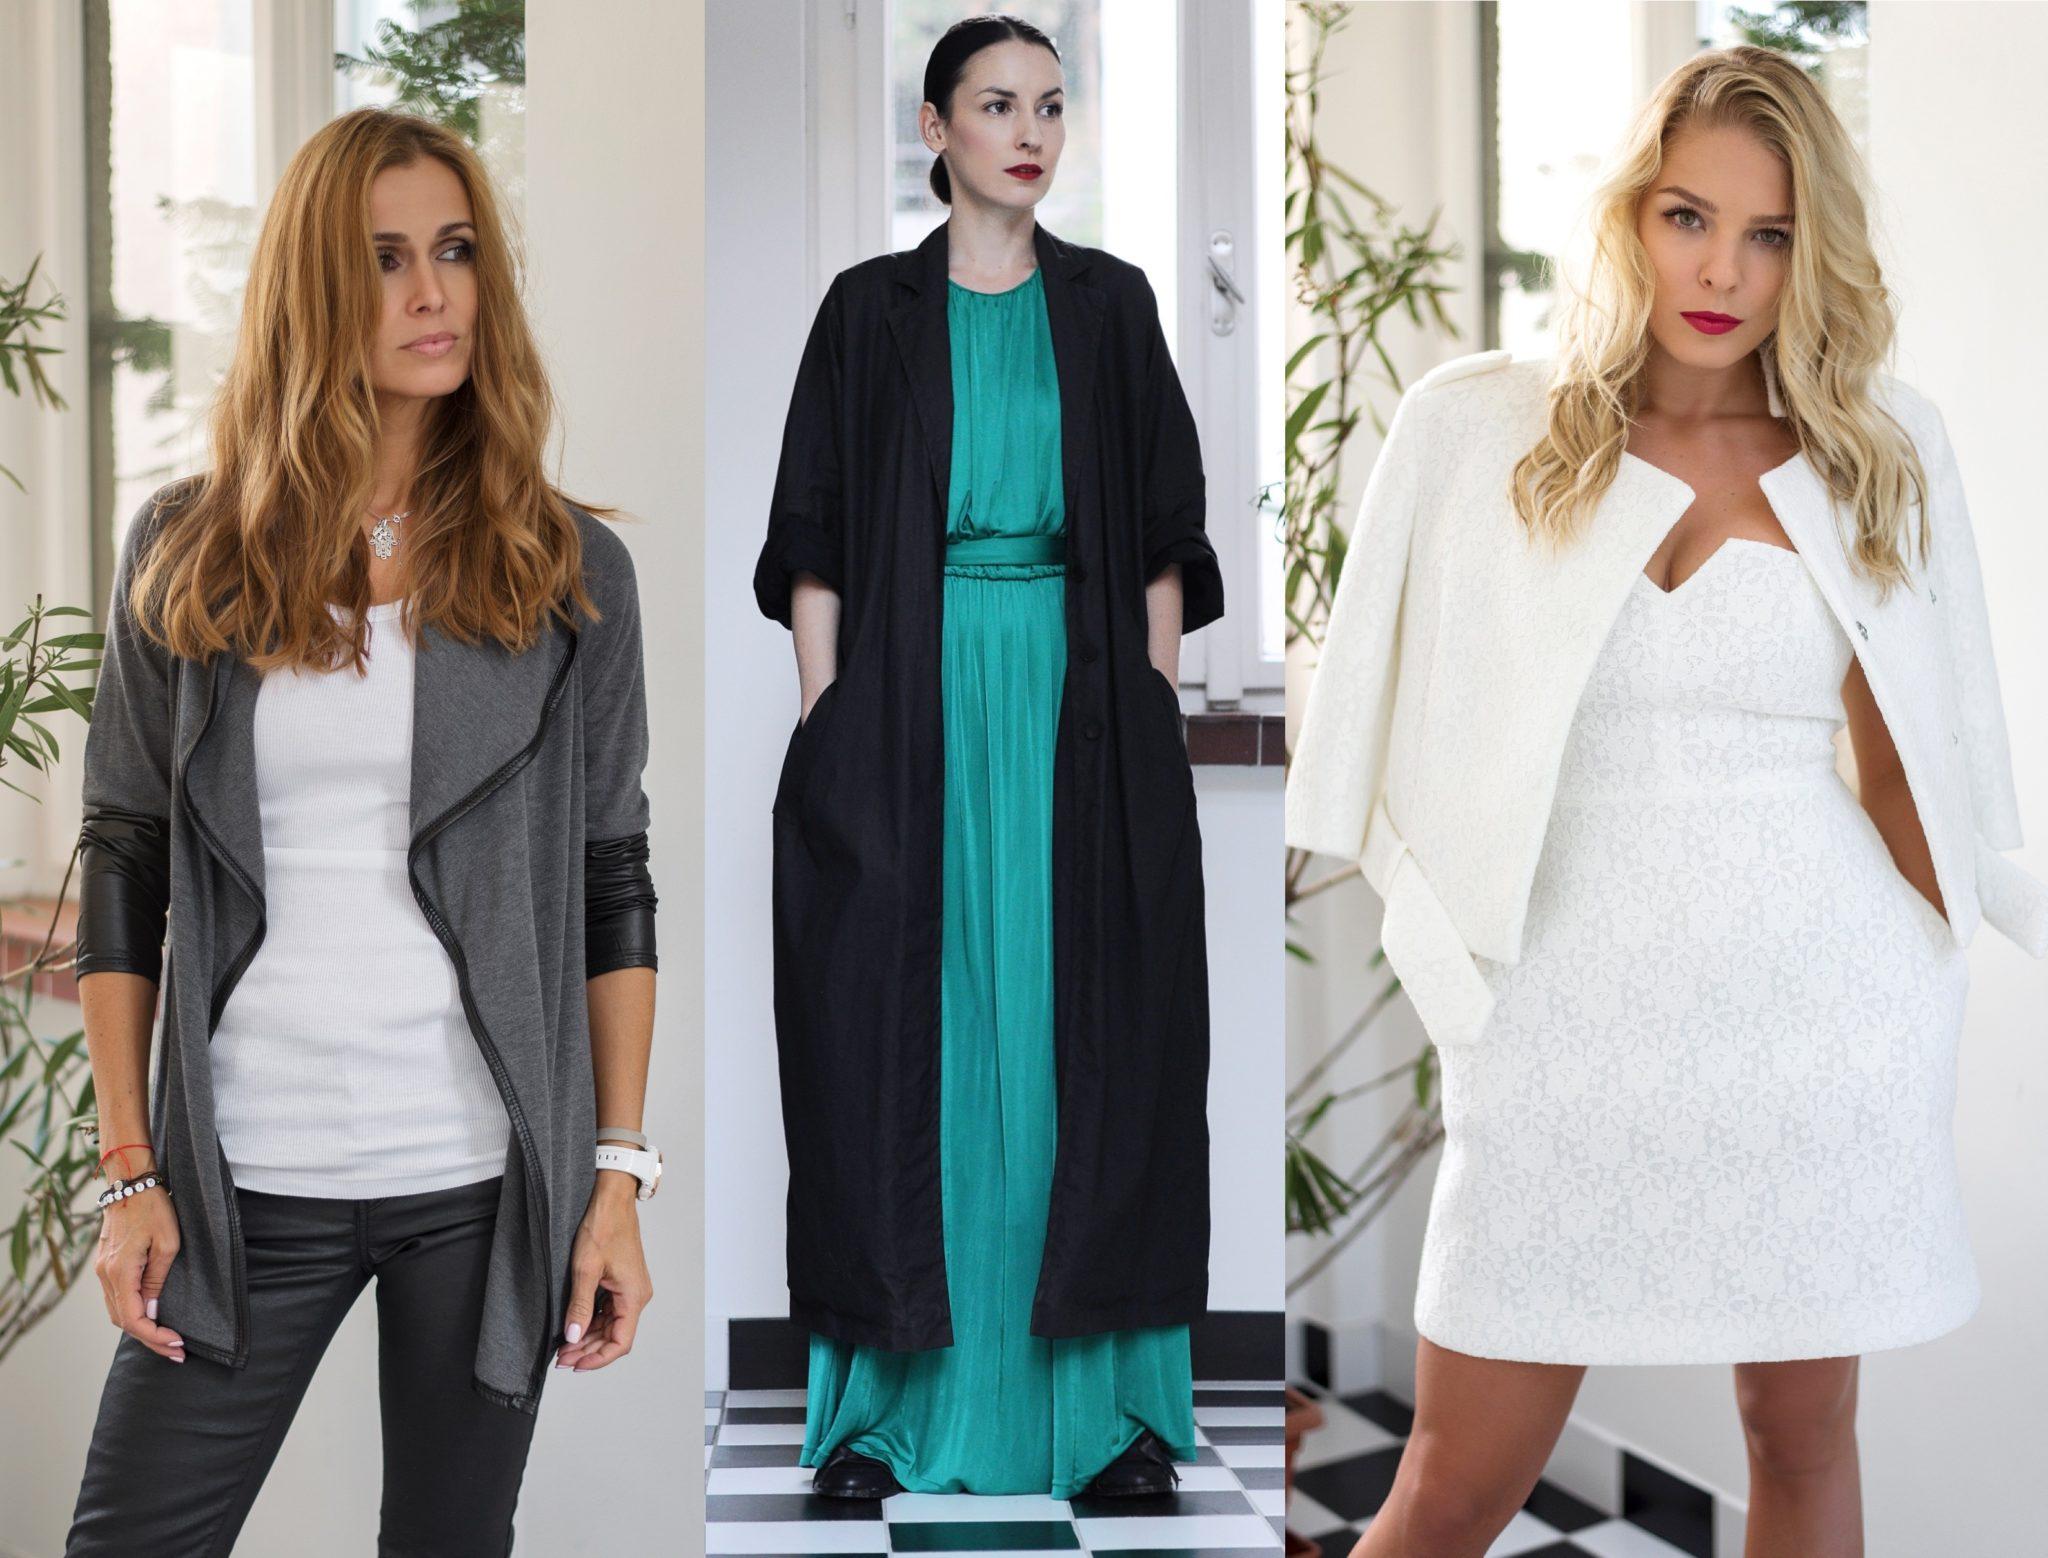 aecc3e0f7 Chceš vlastniť oblečenie od obľúbenej trendy osobnosti? Teraz máš skvelú  príležitosť!!!